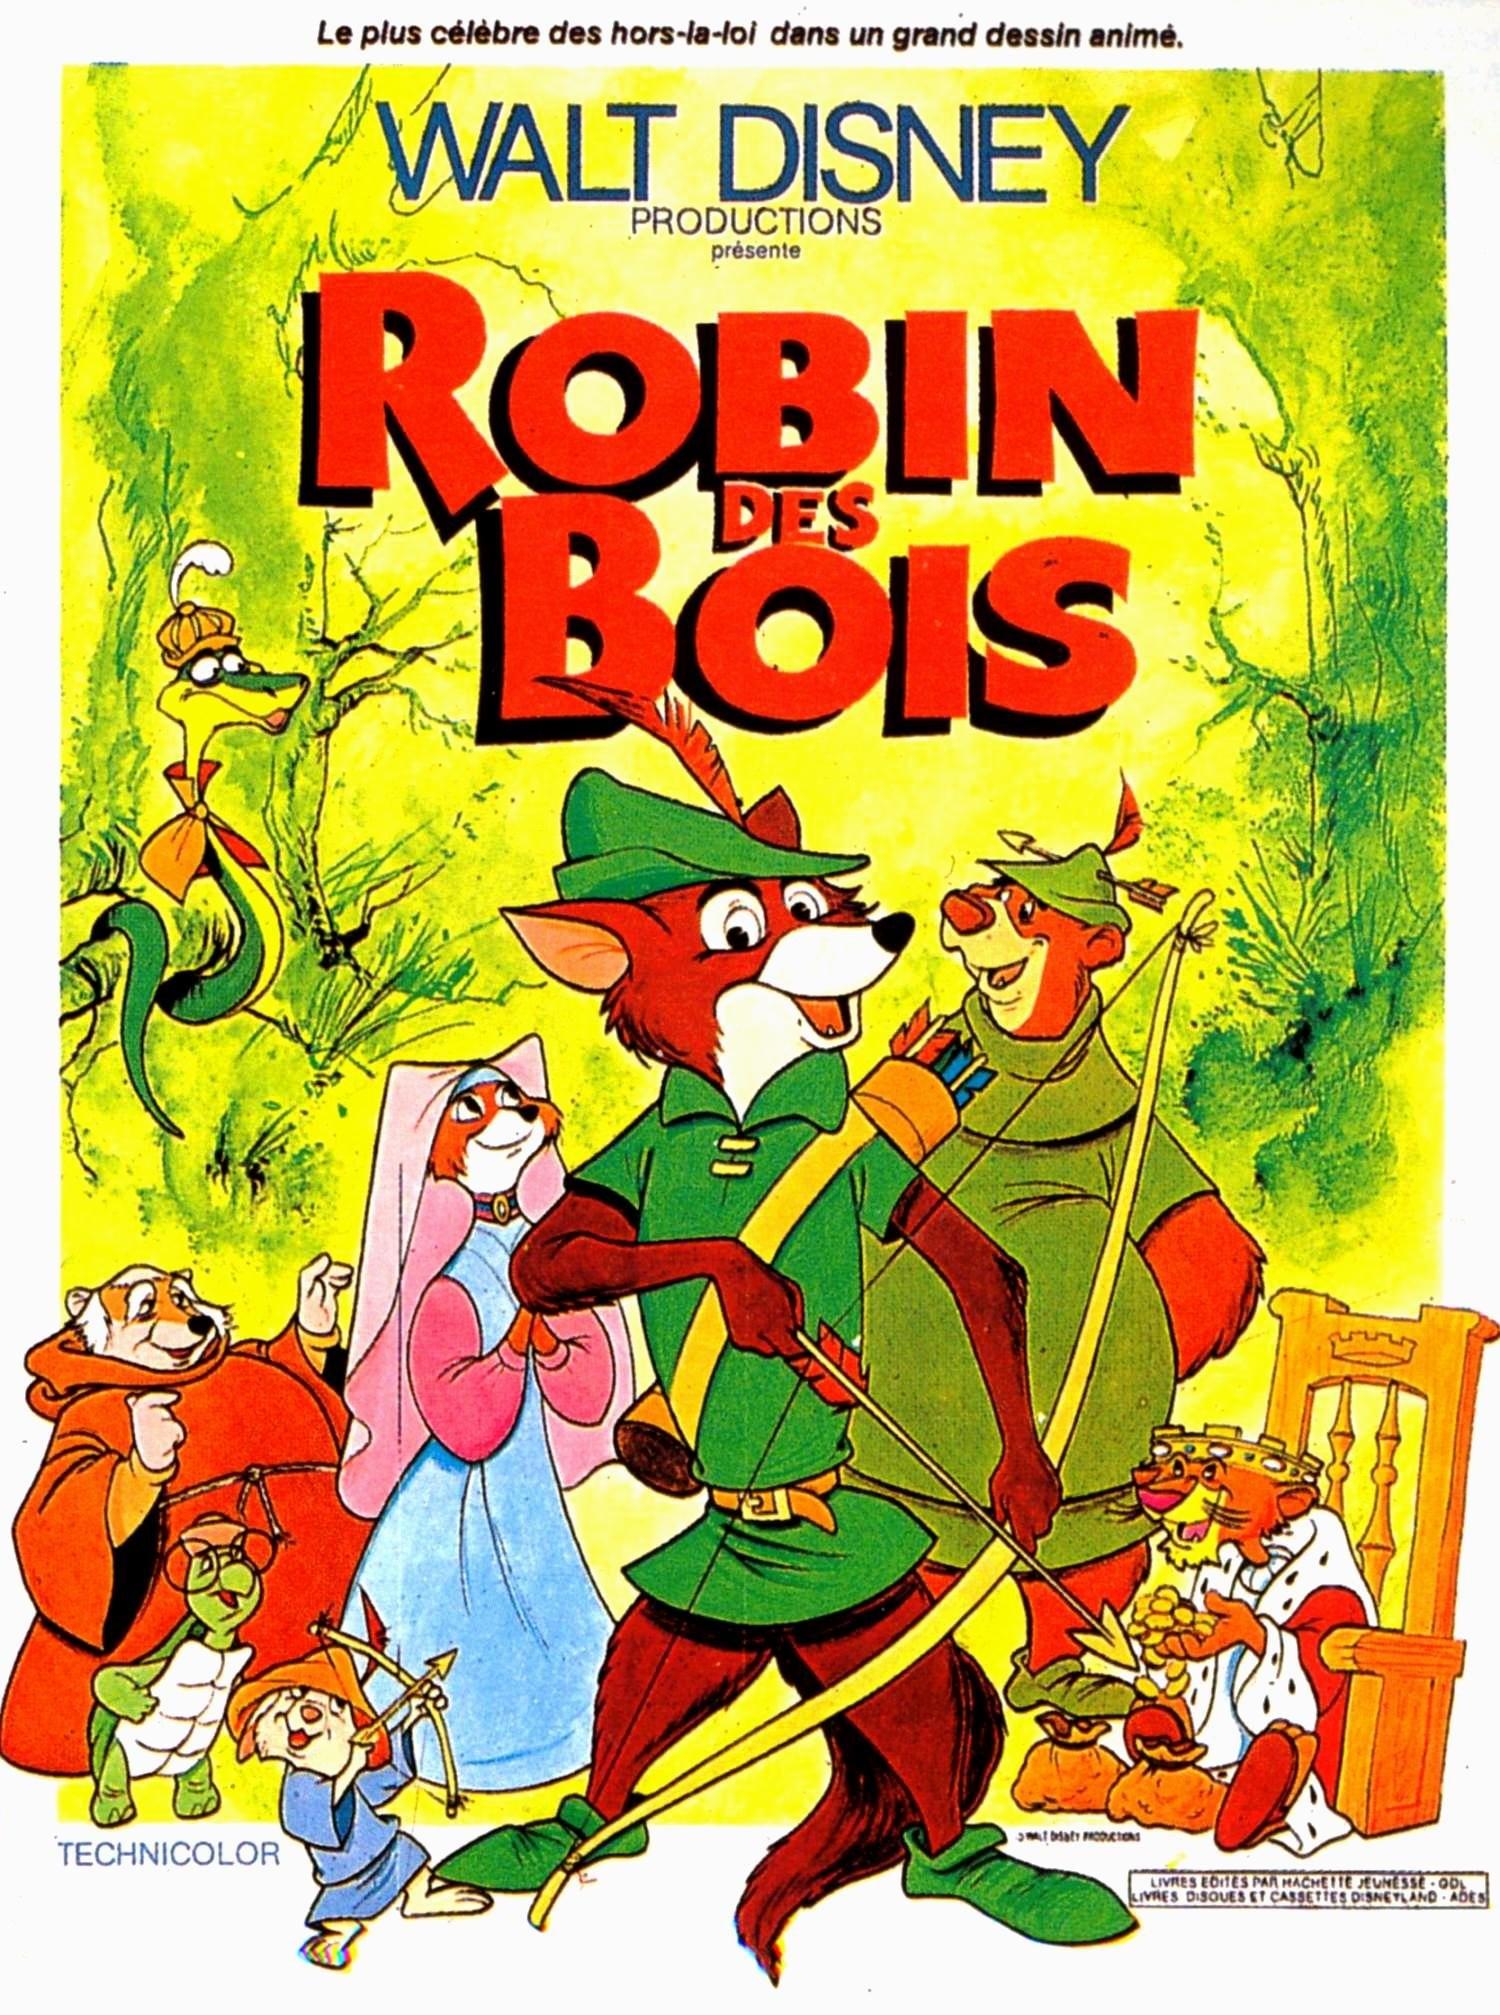 Impressionnant Coloriage Robin Des Bois Dessin Animé